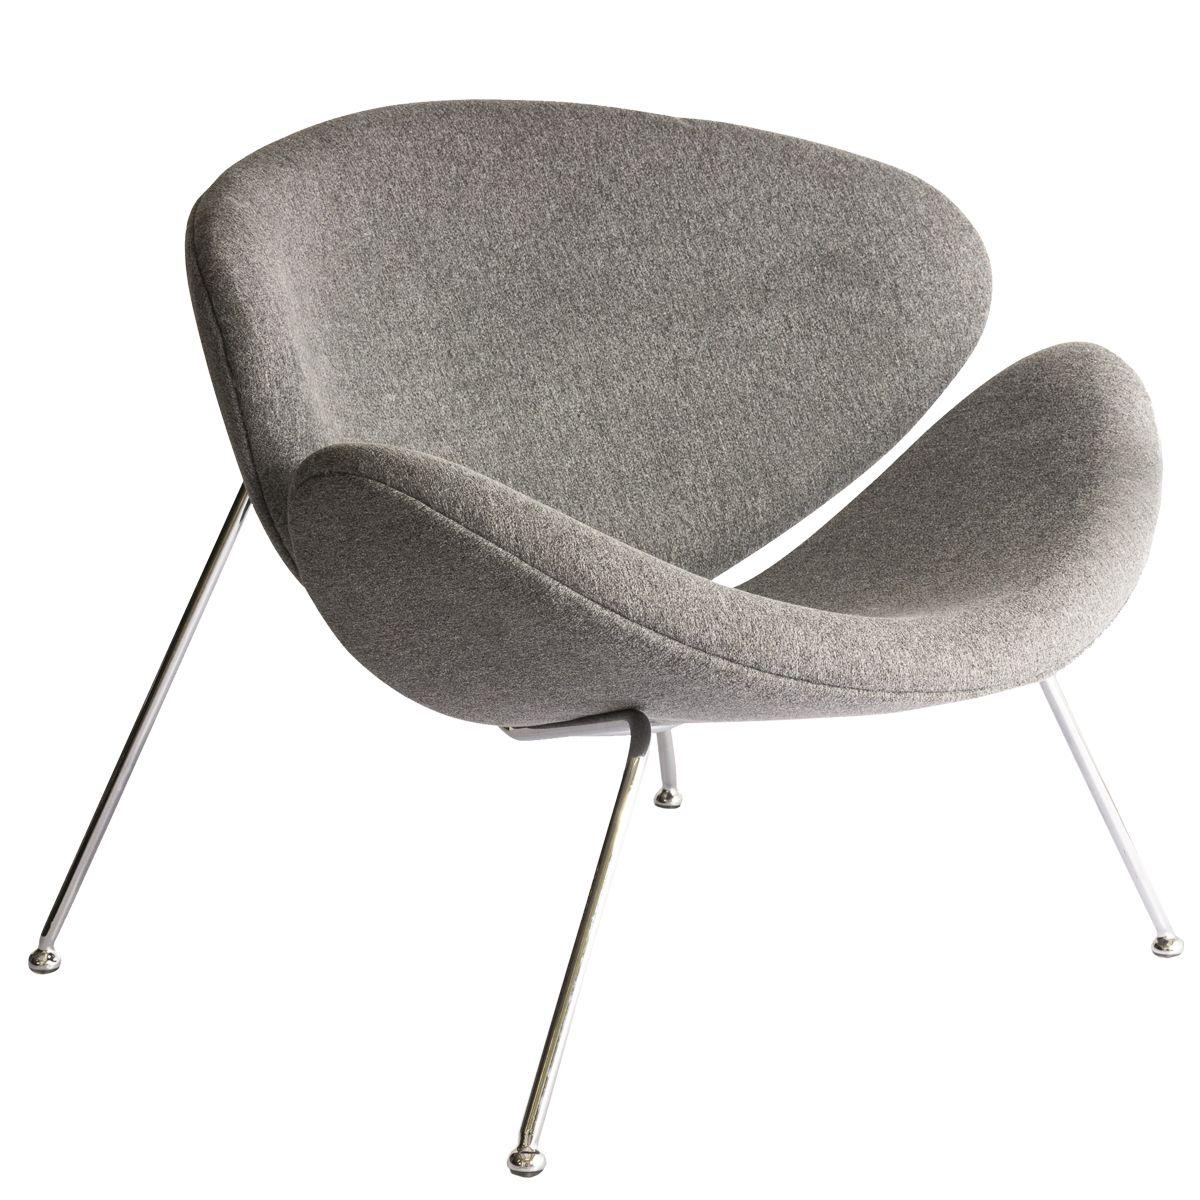 Ob Kunstleder Oder Stoffbezug Der Futuristisch Anmutende Loungesessel Kimi Lounge Sessel Sessel Kleine Sessel